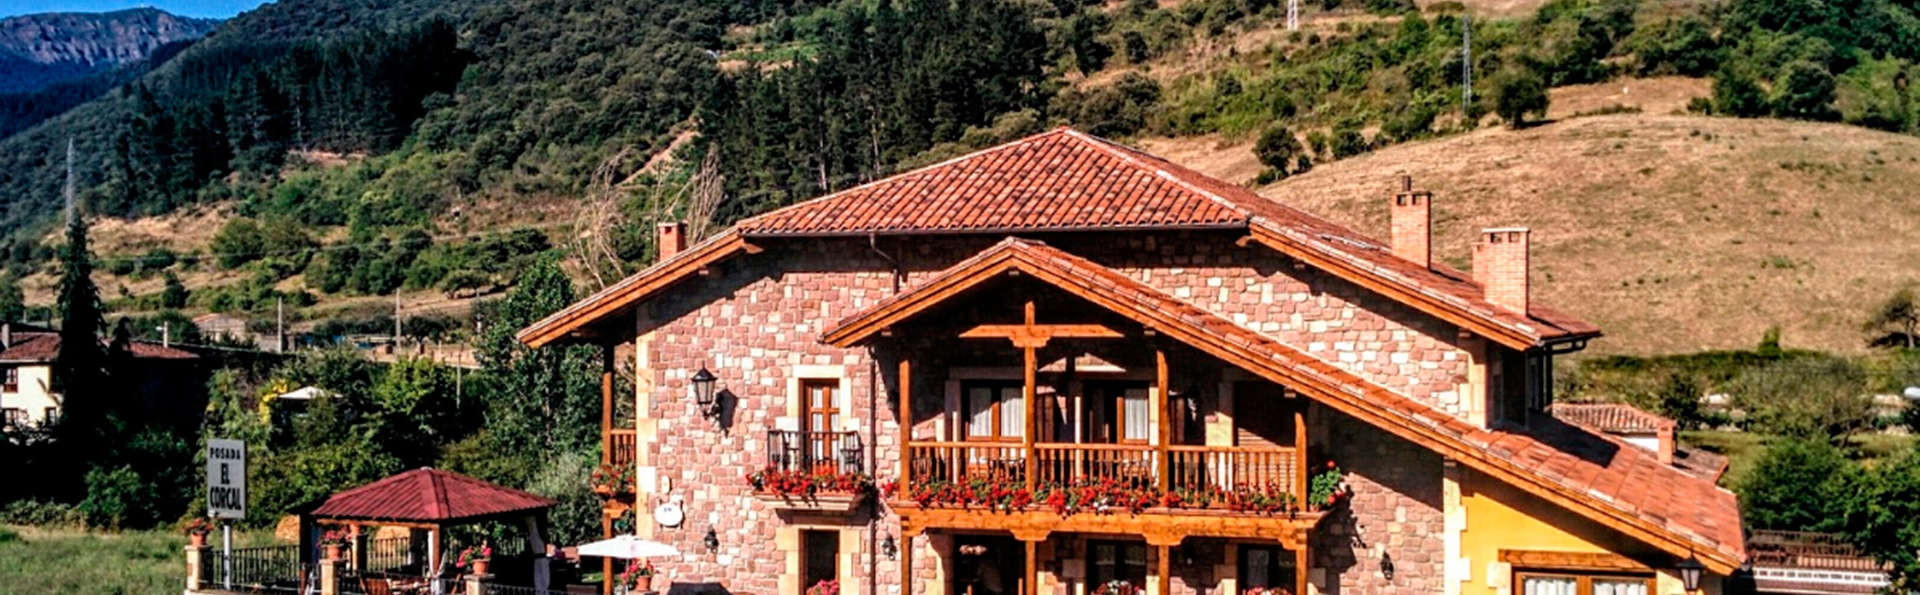 Posada El Corcal de Liébana - EDIT_front3.jpg